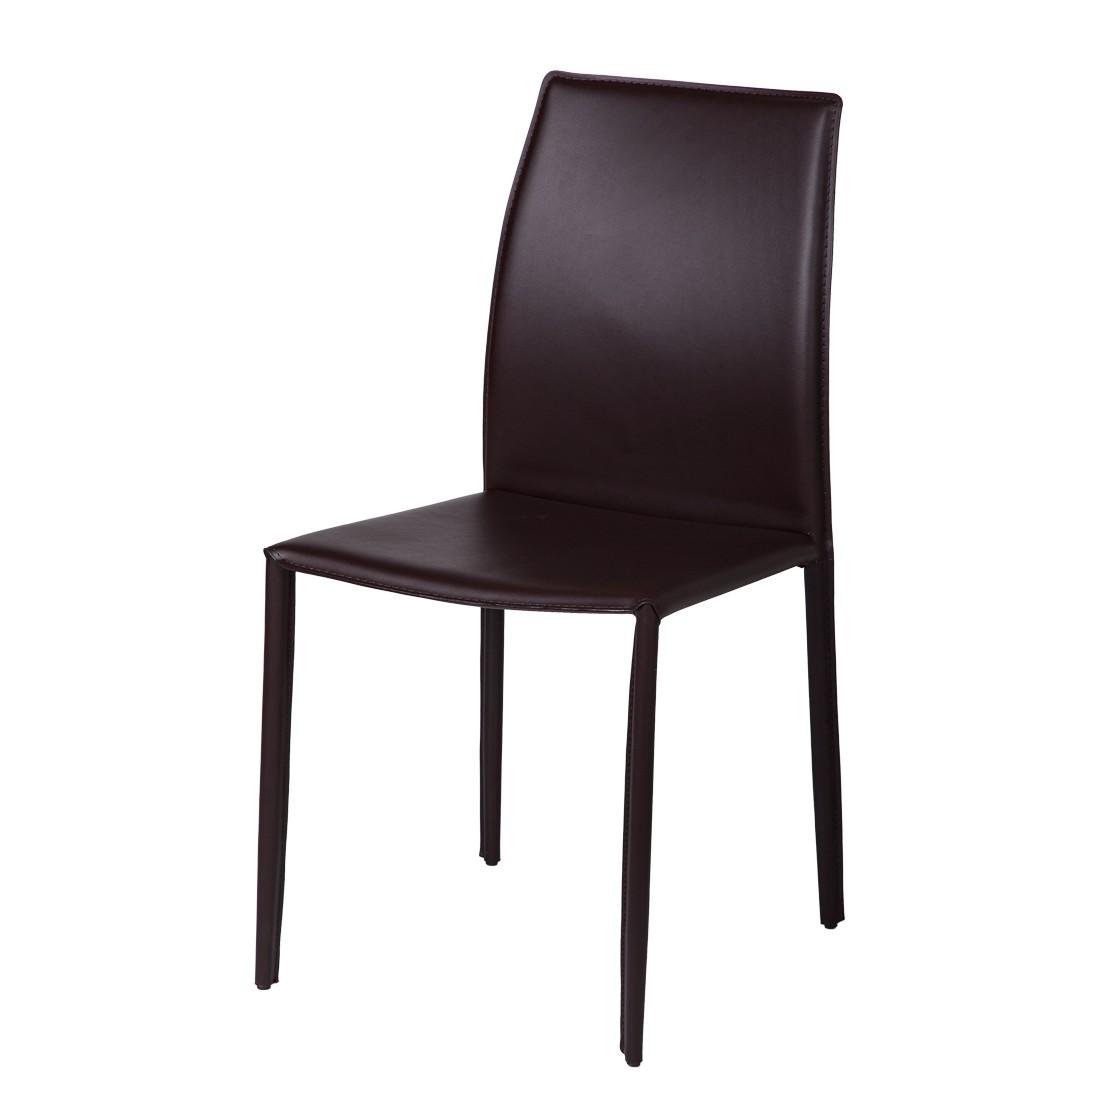 st hle leder braun g nstig kaufen. Black Bedroom Furniture Sets. Home Design Ideas